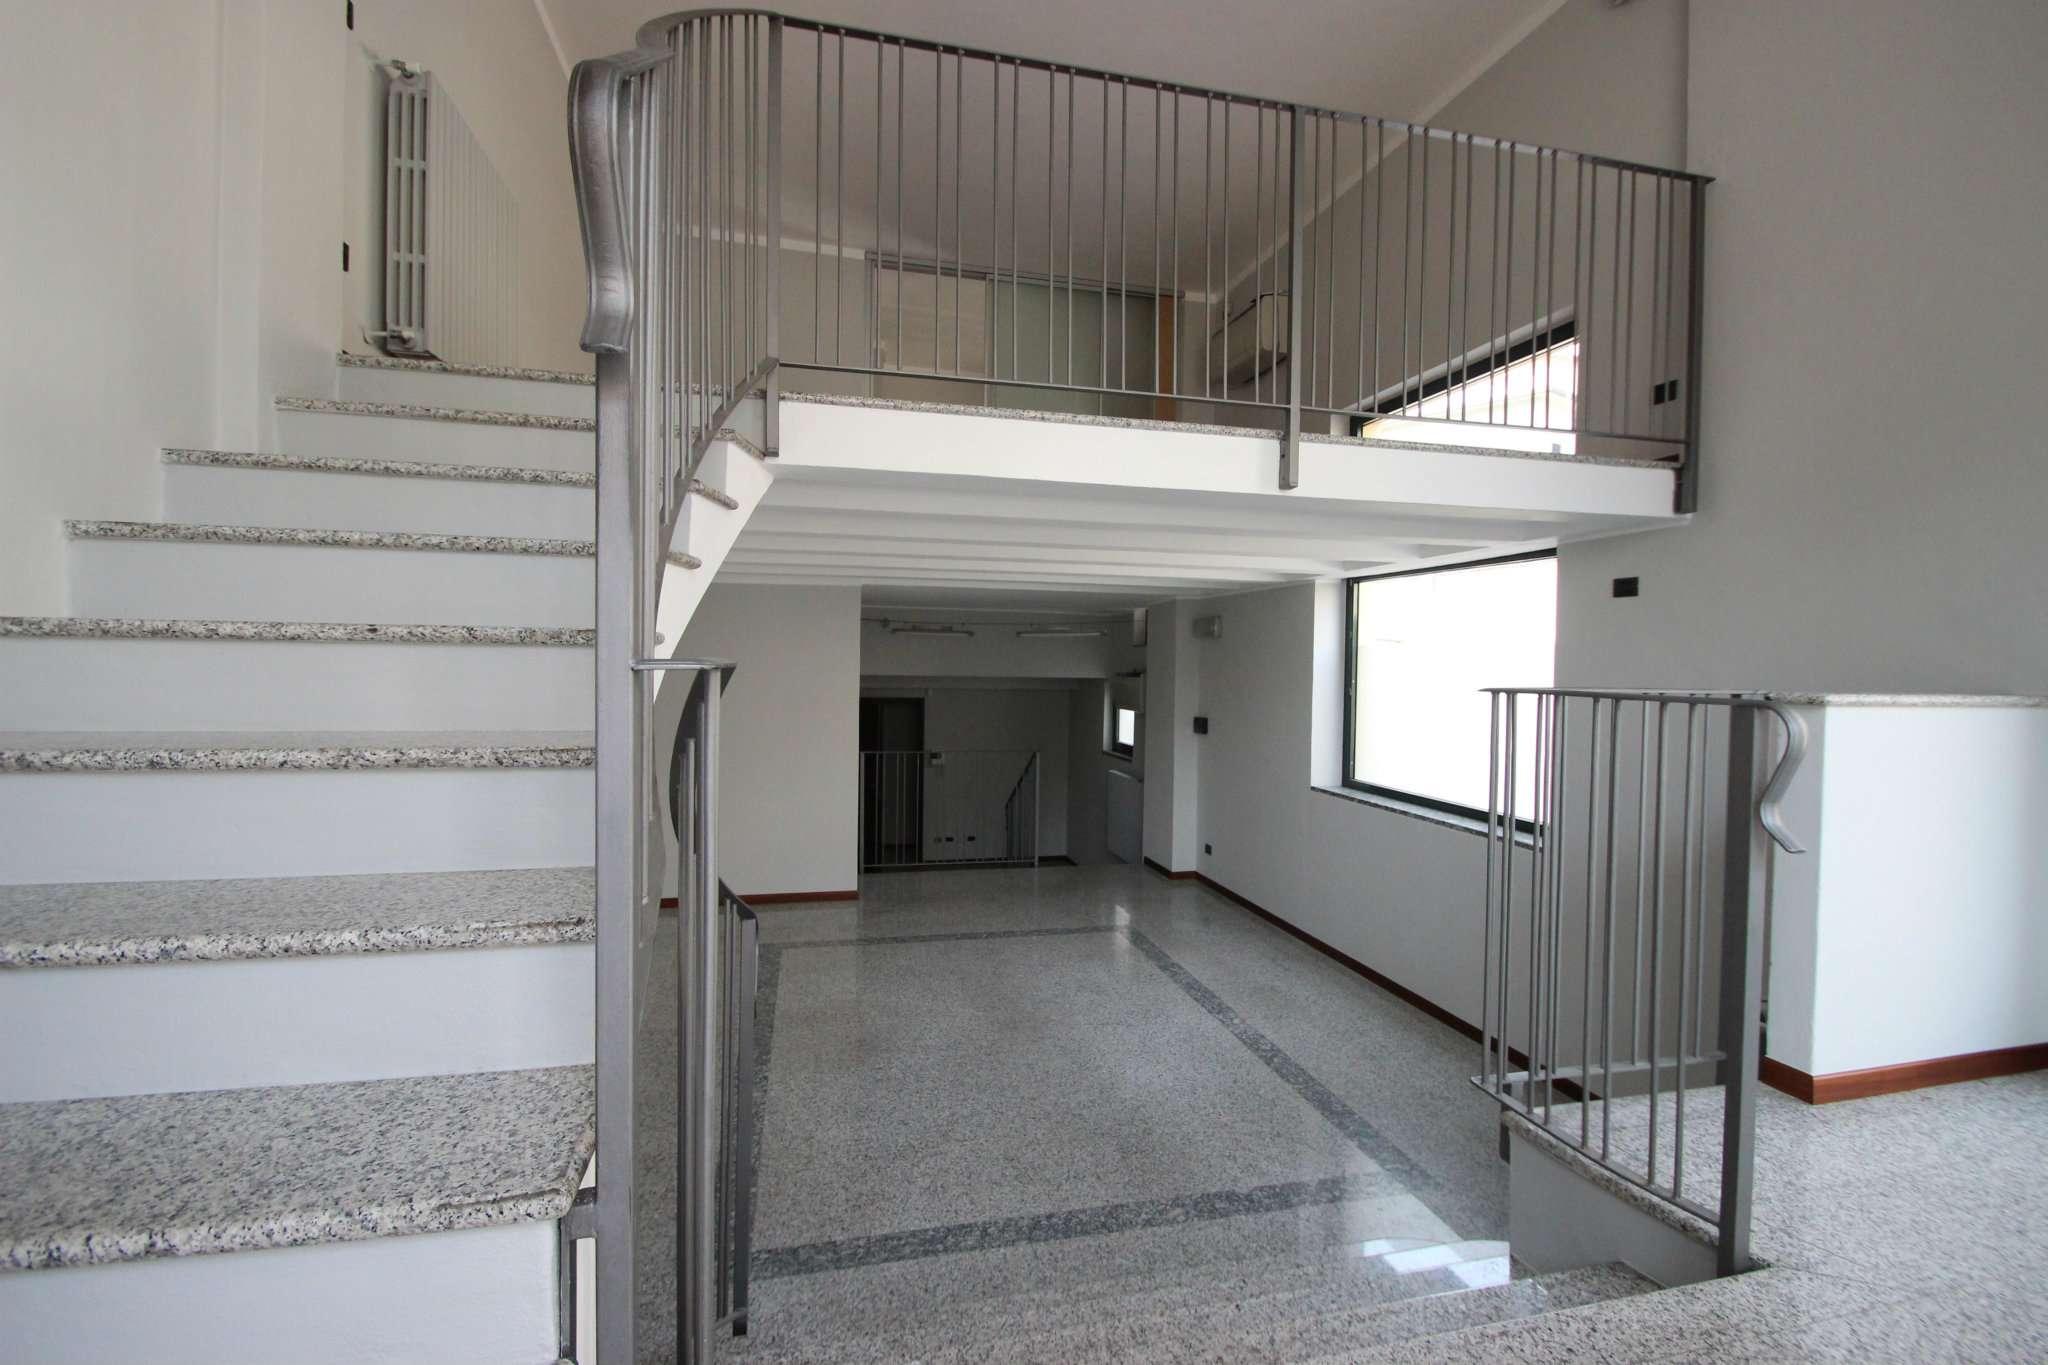 Negozio / Locale in vendita a Casatenovo, 3 locali, prezzo € 105.000 | CambioCasa.it